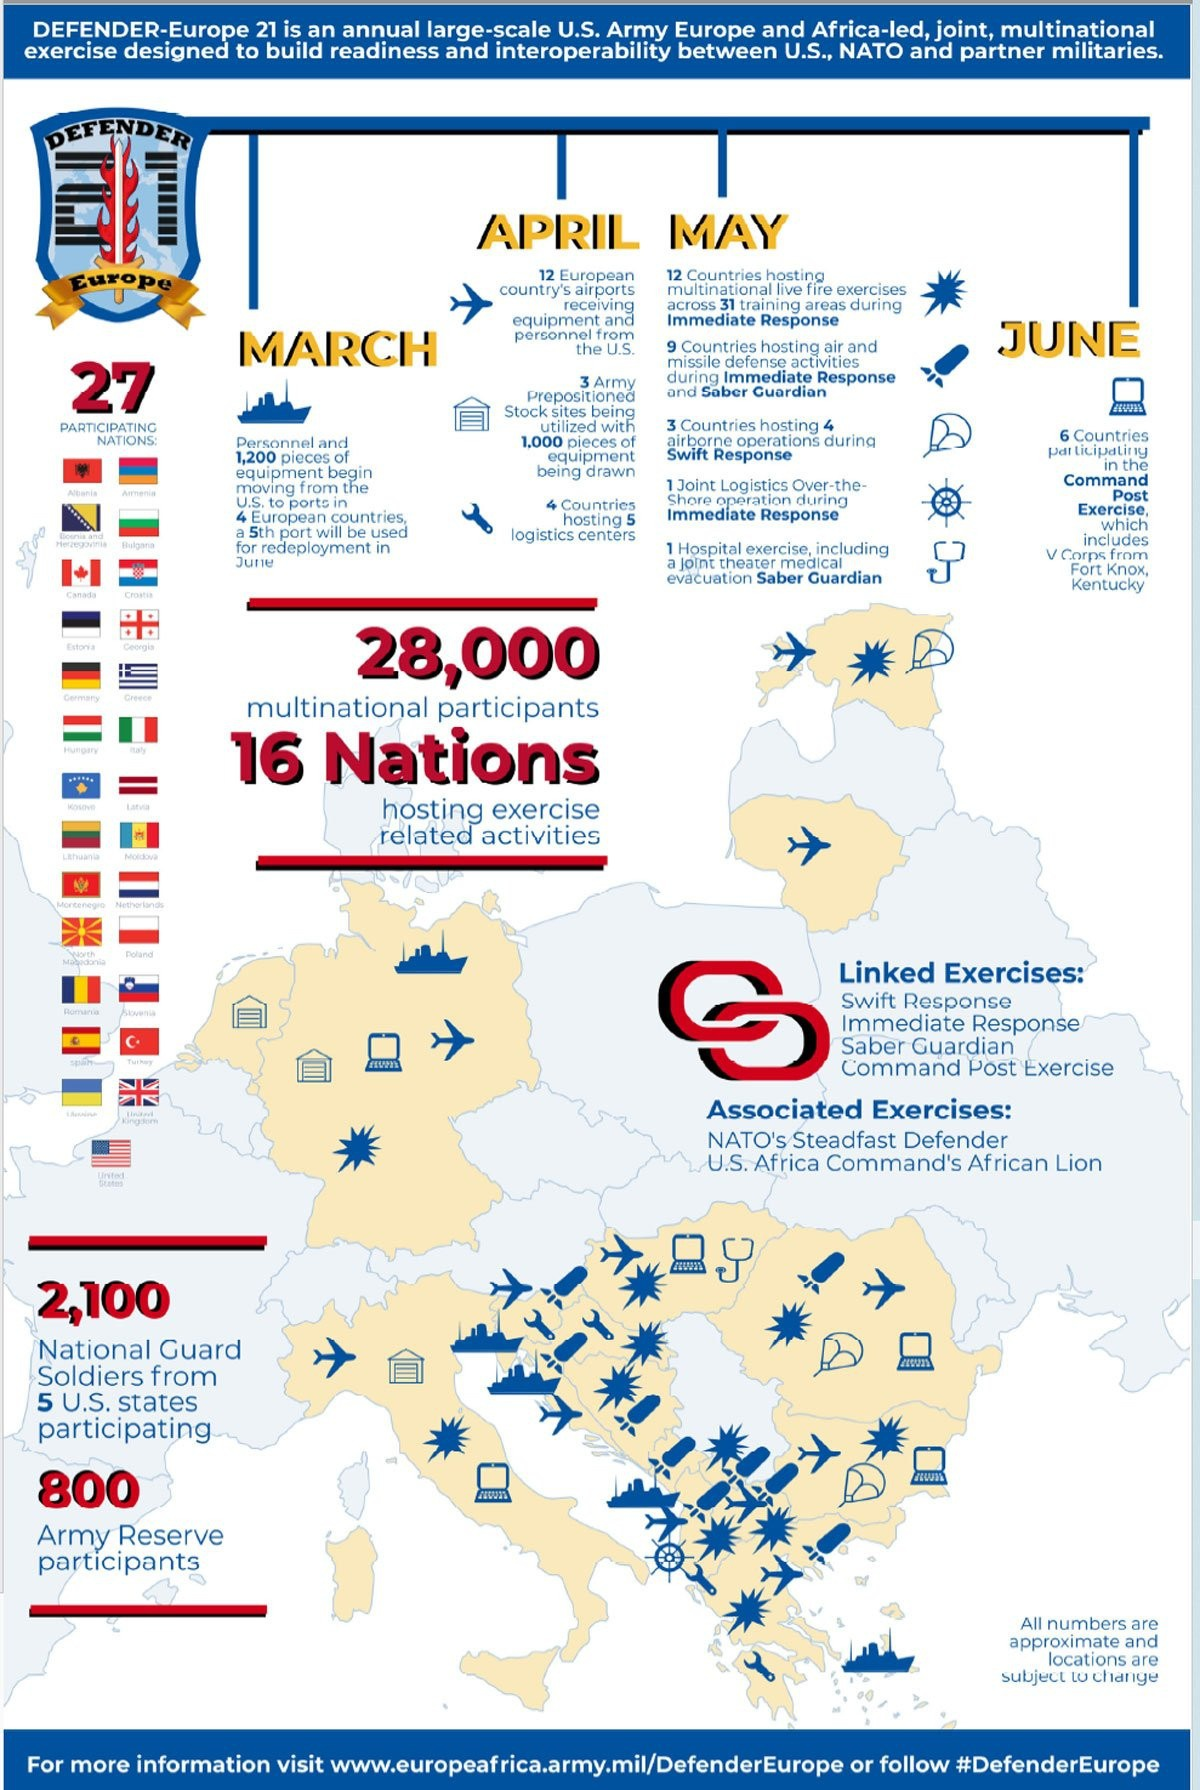 С марта по июнь запланирована беспрецедентная по охвату территории серия учений с общим названием Defender Europe 2021.